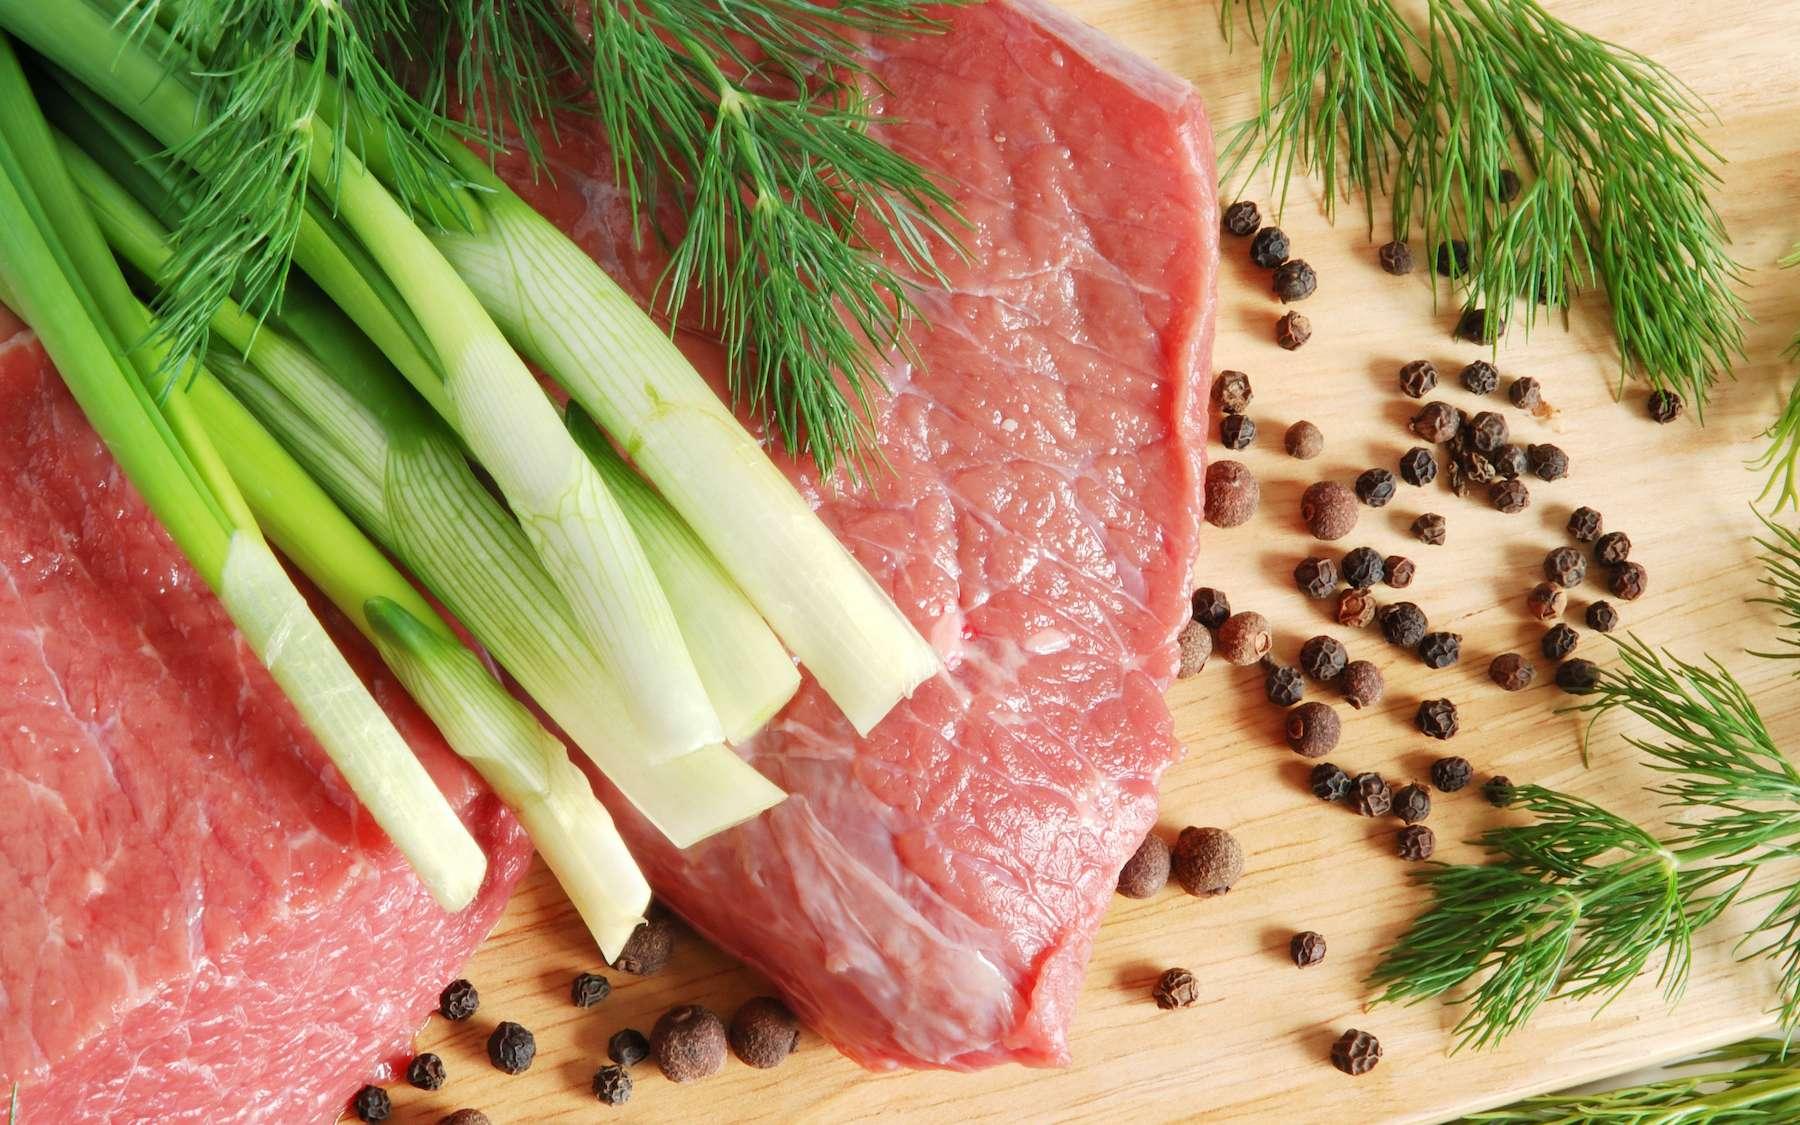 Le bœuf et le poireau : deux produits star du mois de mars. © eAlisa, Adobe Stock